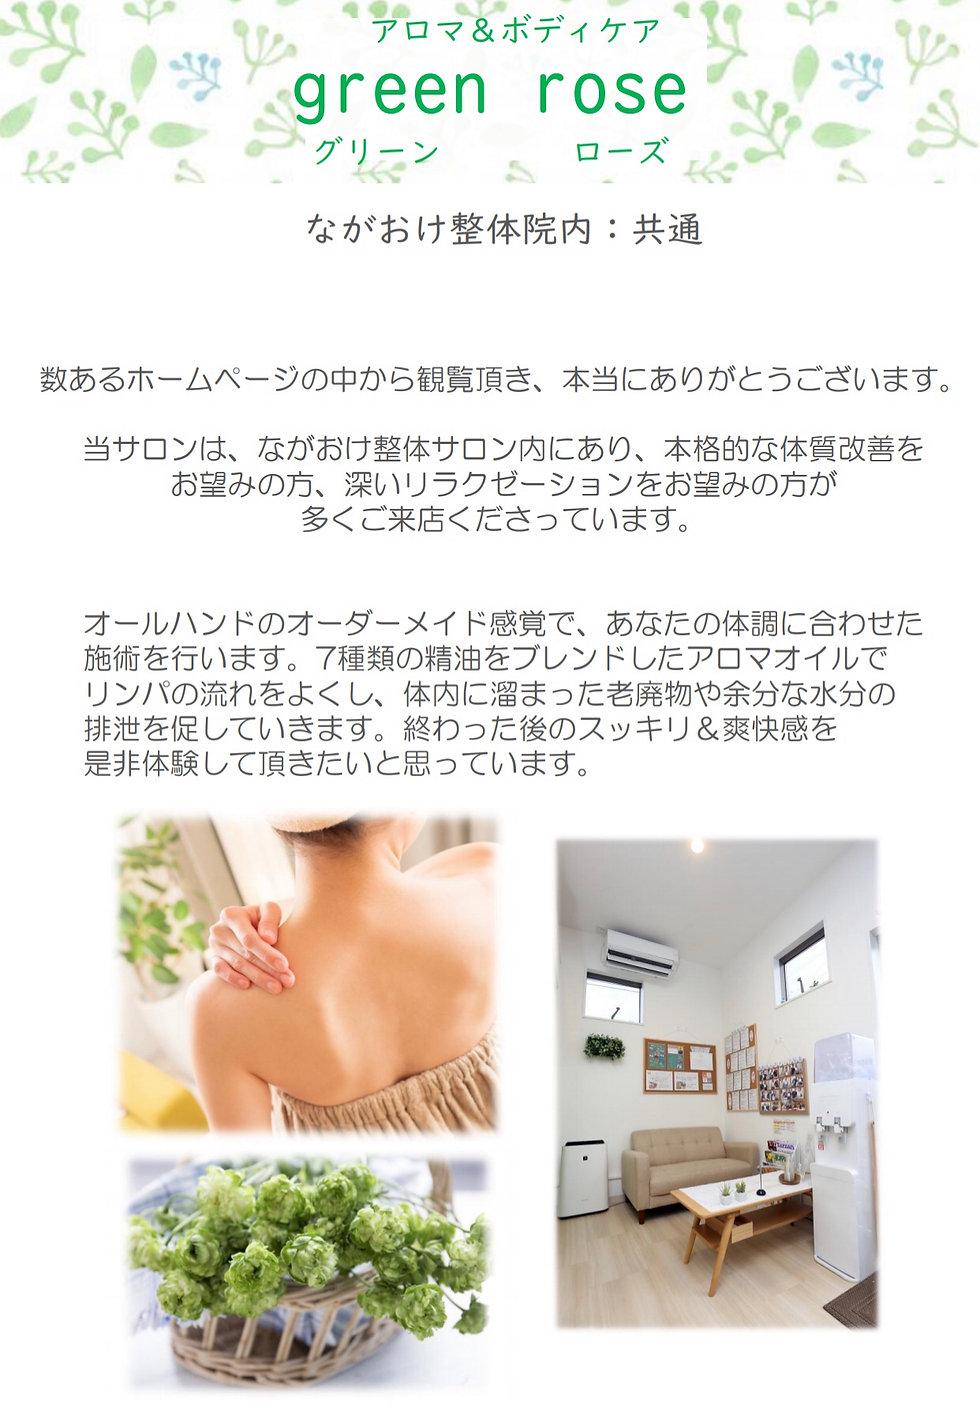 greenrose-1.jpg